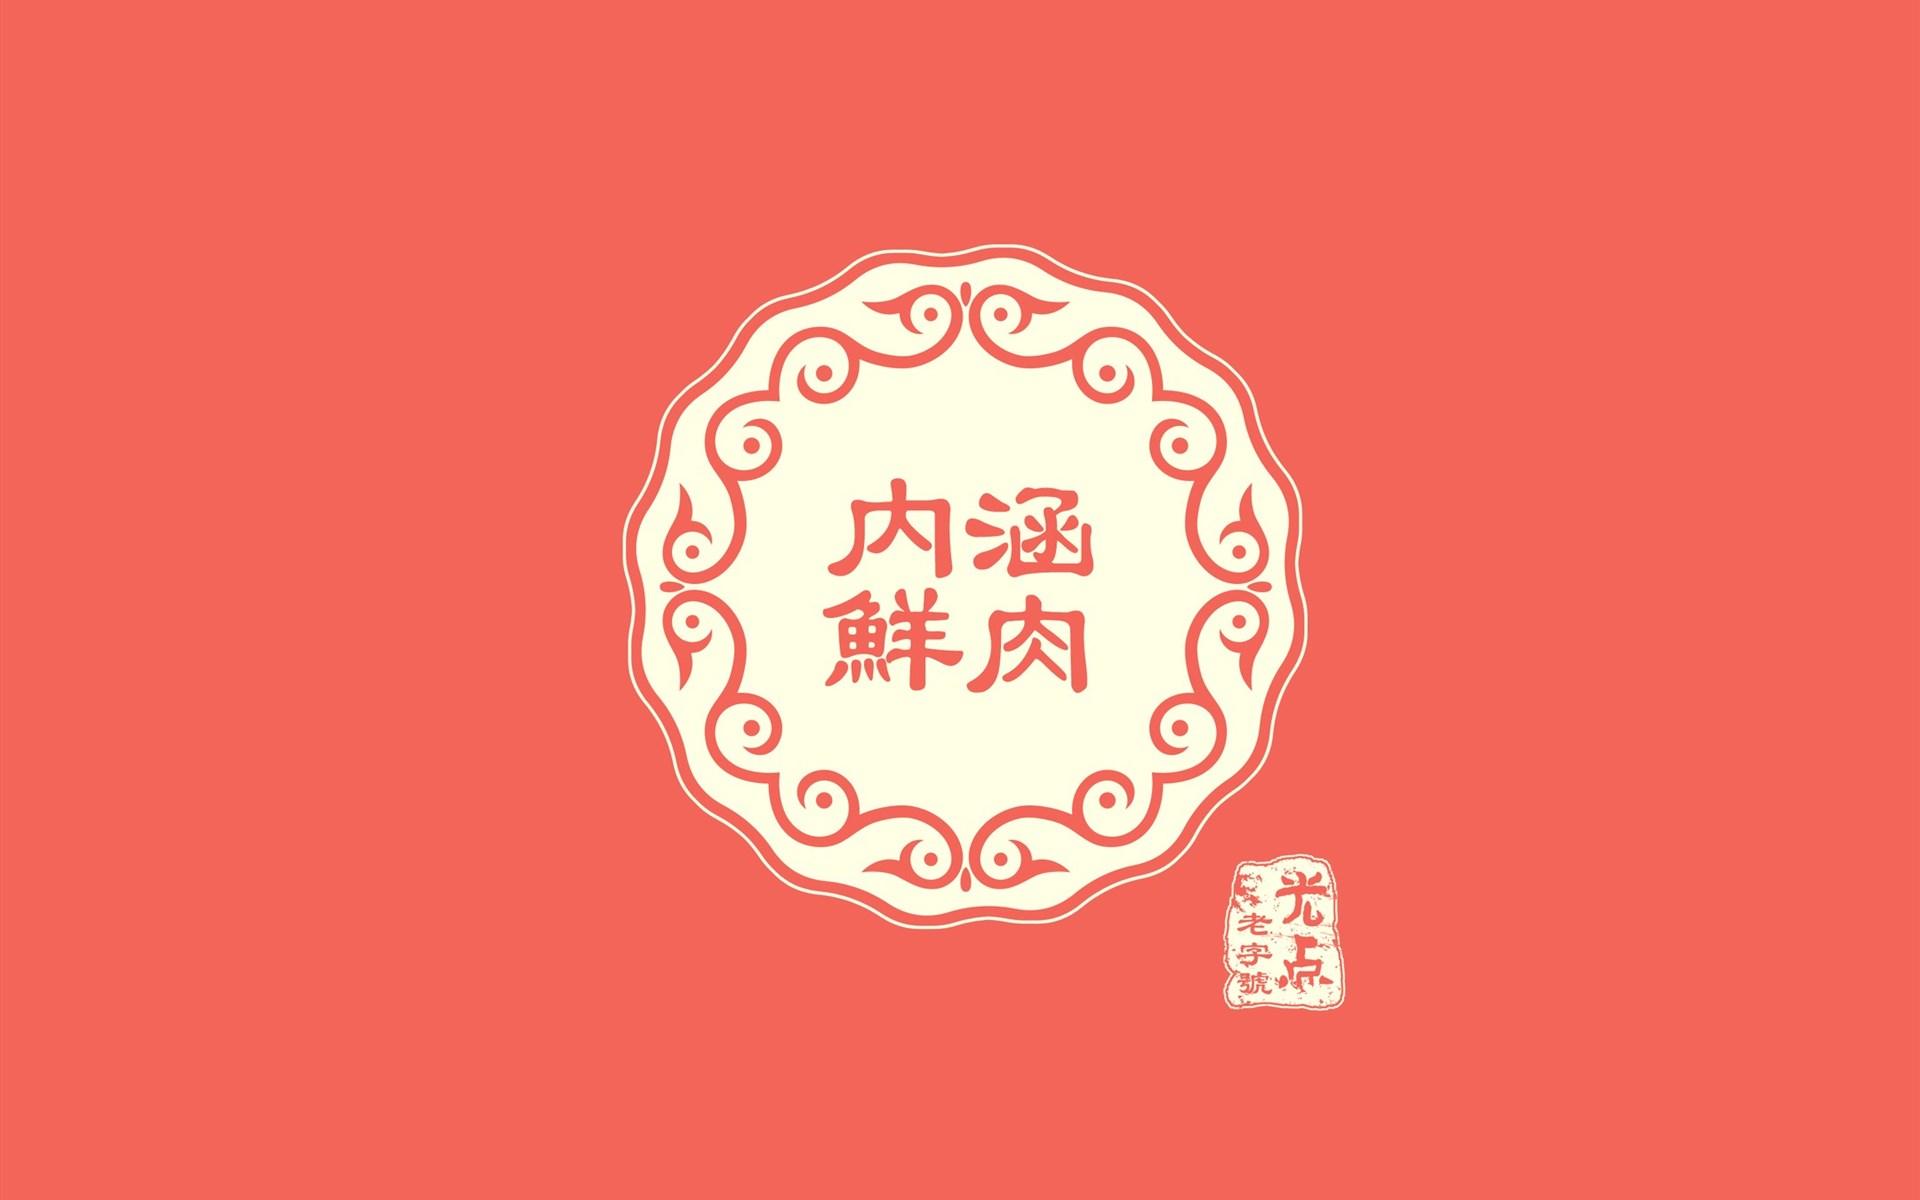 中秋节搞笑月饼第一辑PPT背景图片免费下载是由PPT宝藏(www.pptbz.com)会员zengmin上传推荐的节日PPT背景图片, 更新时间为2016-09-22,素材编号103167。 月饼是古代中秋祭拜月神的供品,沿传下来,便形成了中秋吃月饼的习俗。月饼在中国有着悠久的历史。据史料记载,早在殷、周时期,江、浙一带就有一种纪念太师闻仲的边薄心厚的 太师饼,此乃中国月饼的始祖。汉代张骞出使西域时,引进芝麻、胡桃,为月饼的制作增添了辅料,这时便出现了以胡桃仁为馅的圆形饼,名曰胡饼。 据说起源于